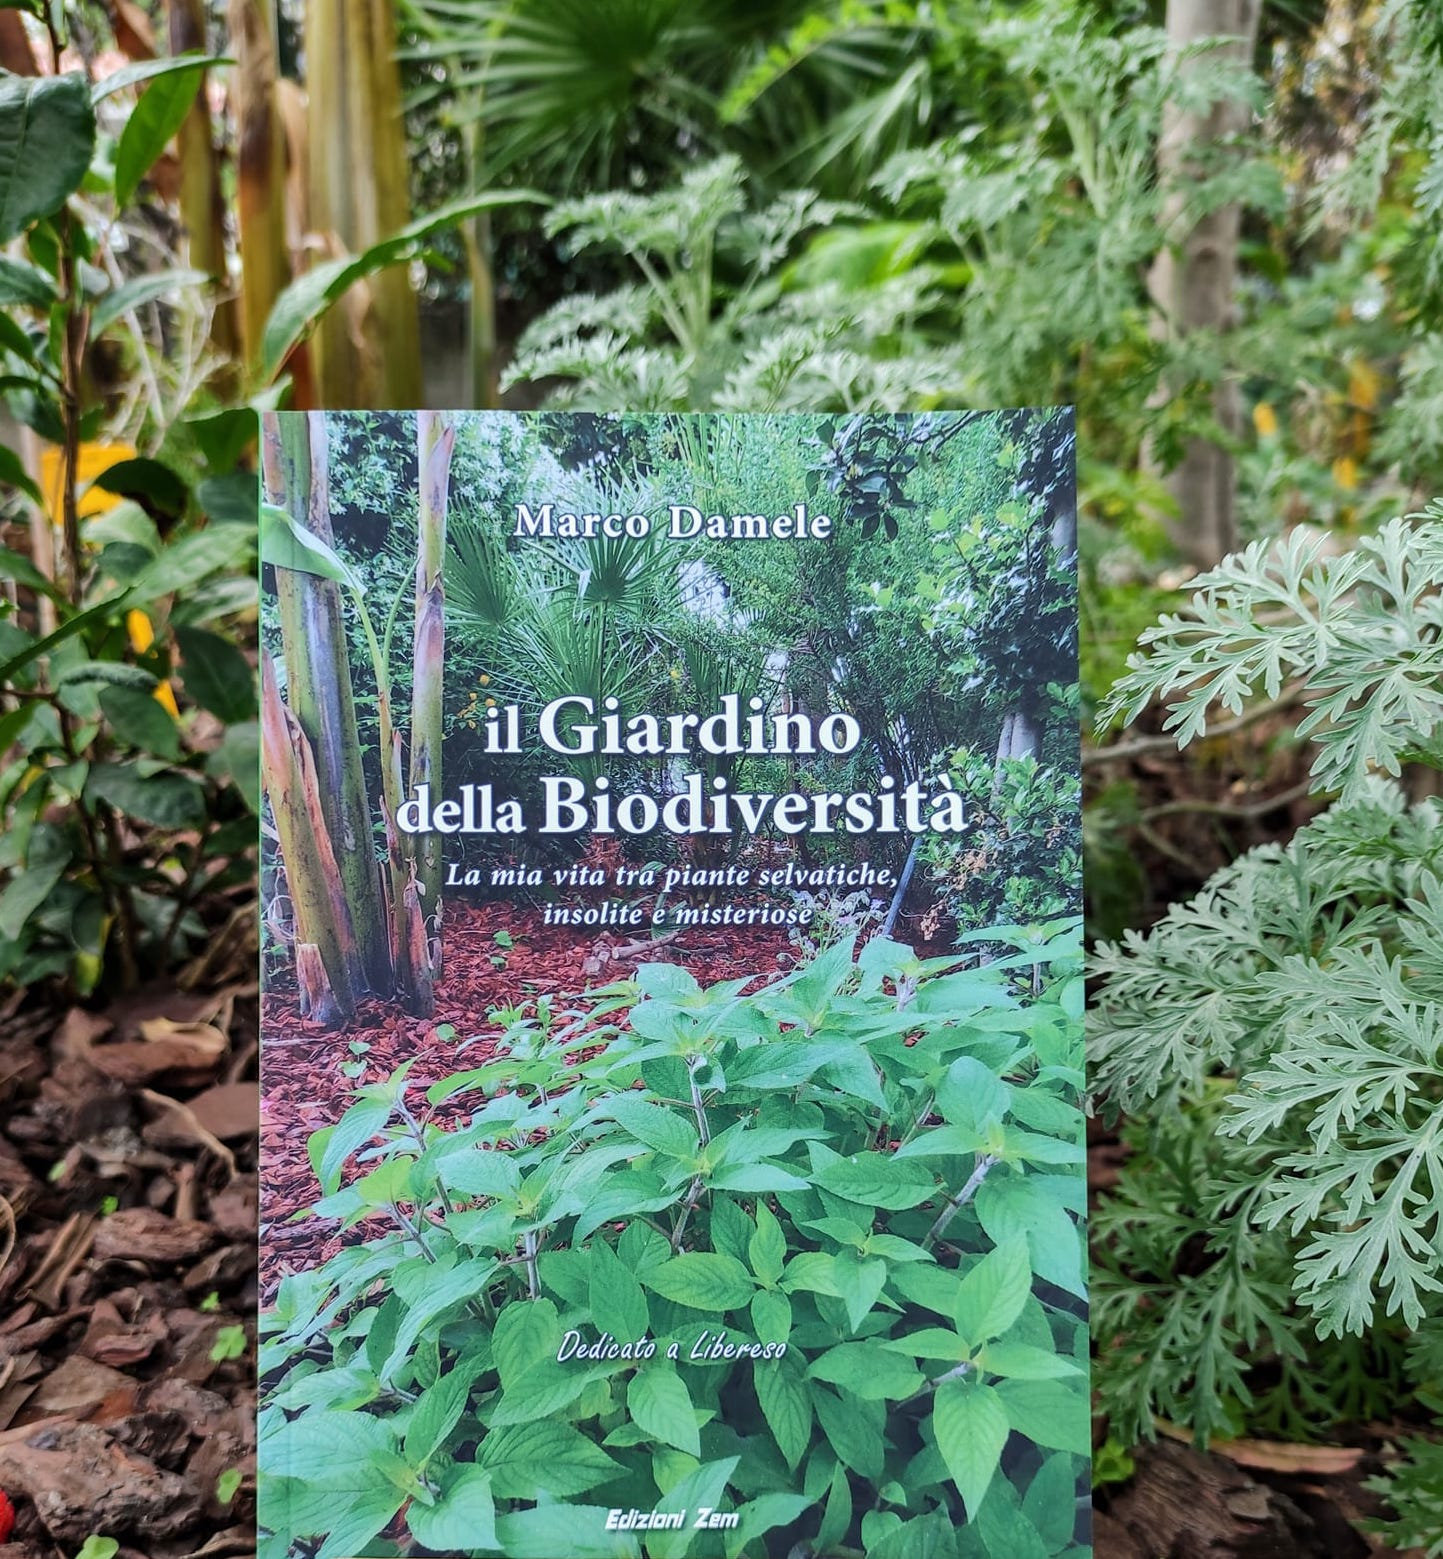 """Il nuovo libro di Marco Damele ha per titolo """"Il giardino della Biodiversità"""""""